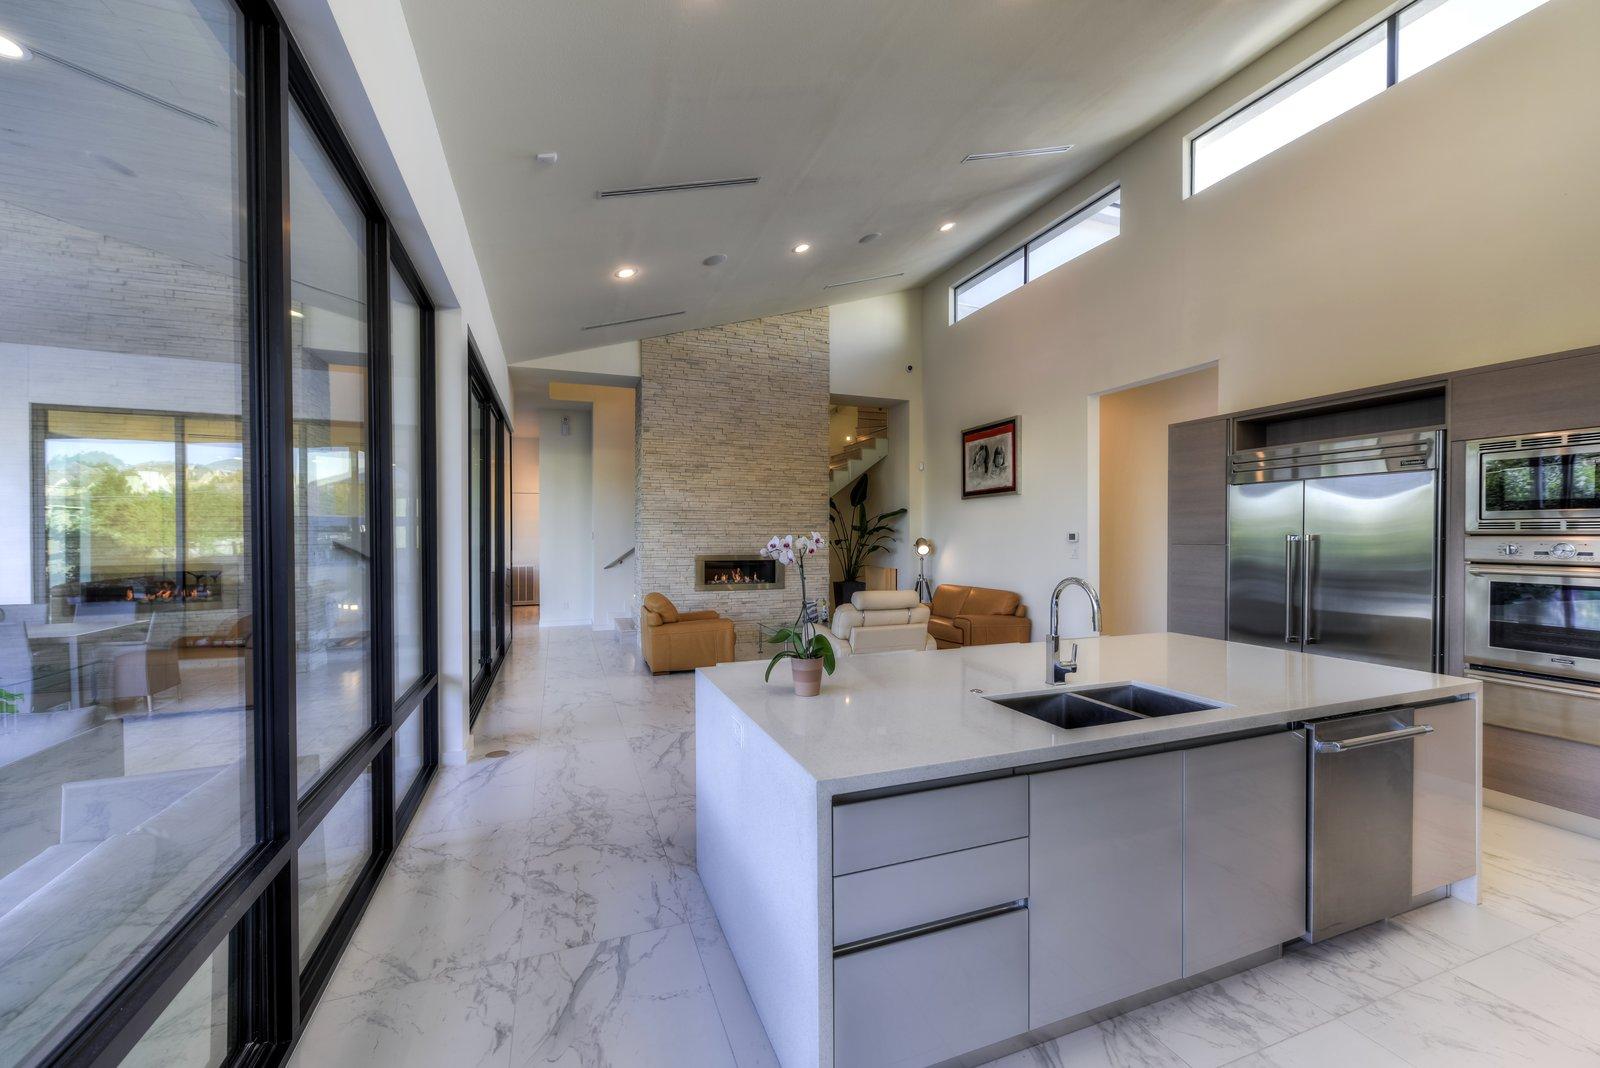 OPEN LIVING KITCHEN AREA  ORVANANOS HOUSE by OSCAR E FLORES DESIGN STUDIO